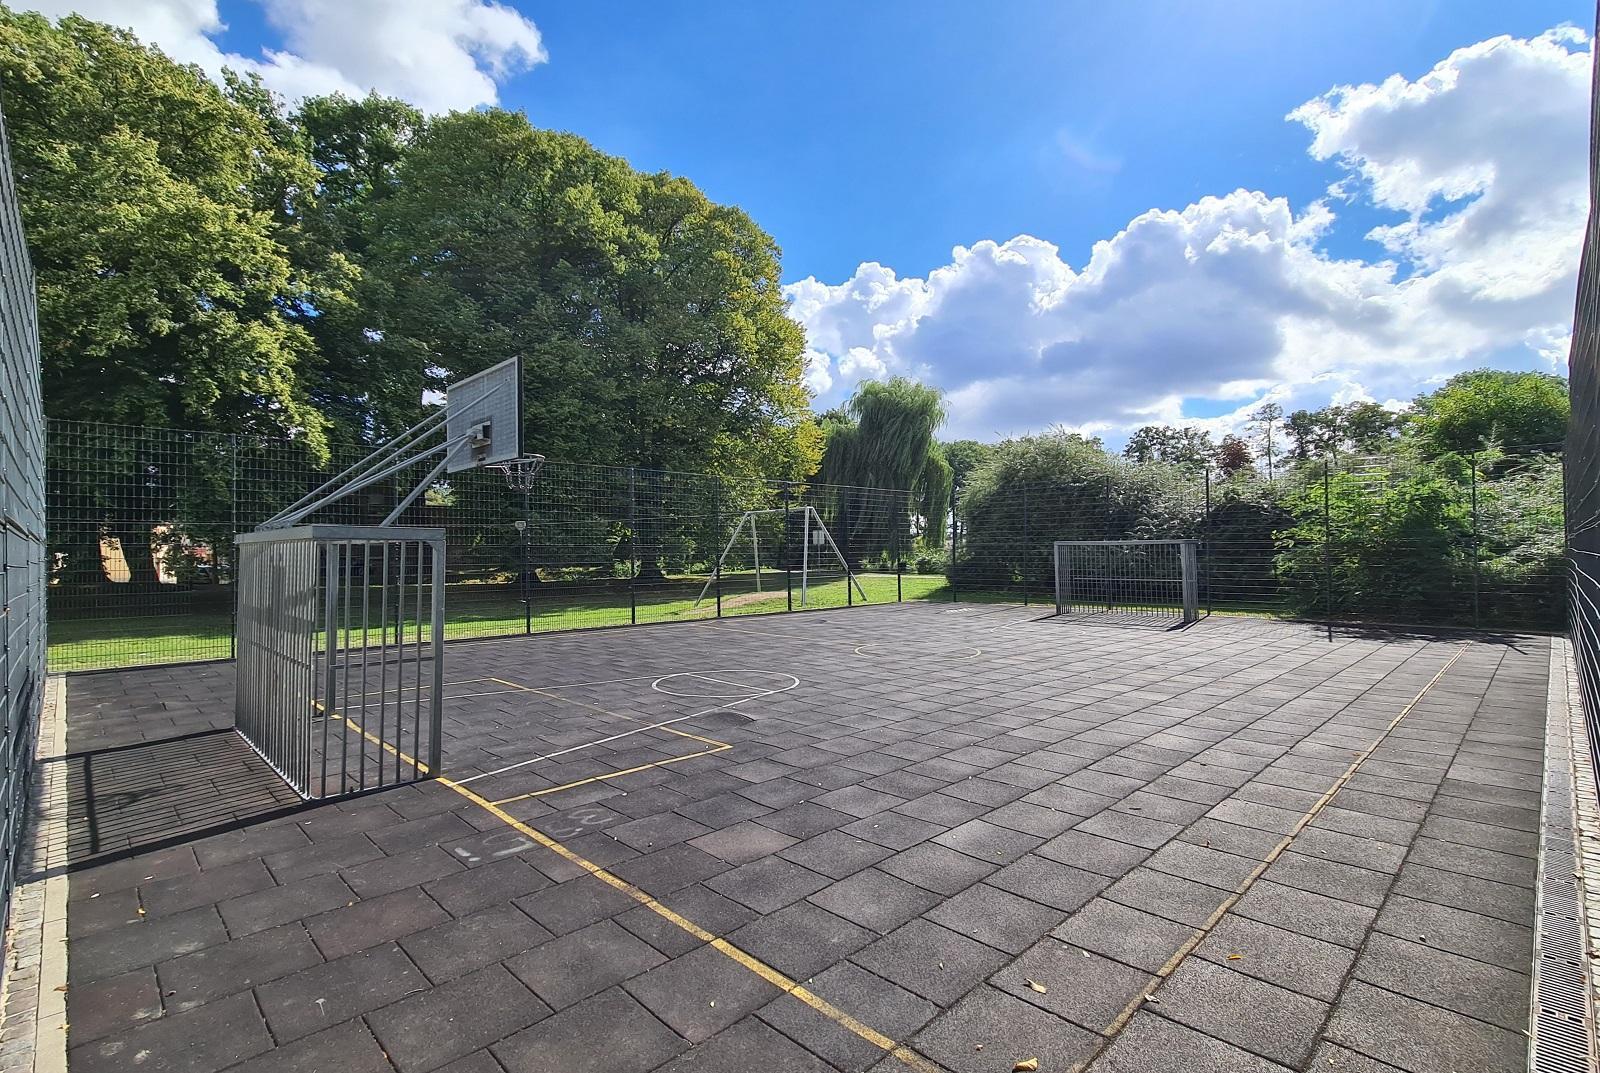 Spielpark Treuenbrietzen Fussballplatz (Fotos: Stadtverwaltung Treuenbrietzen)